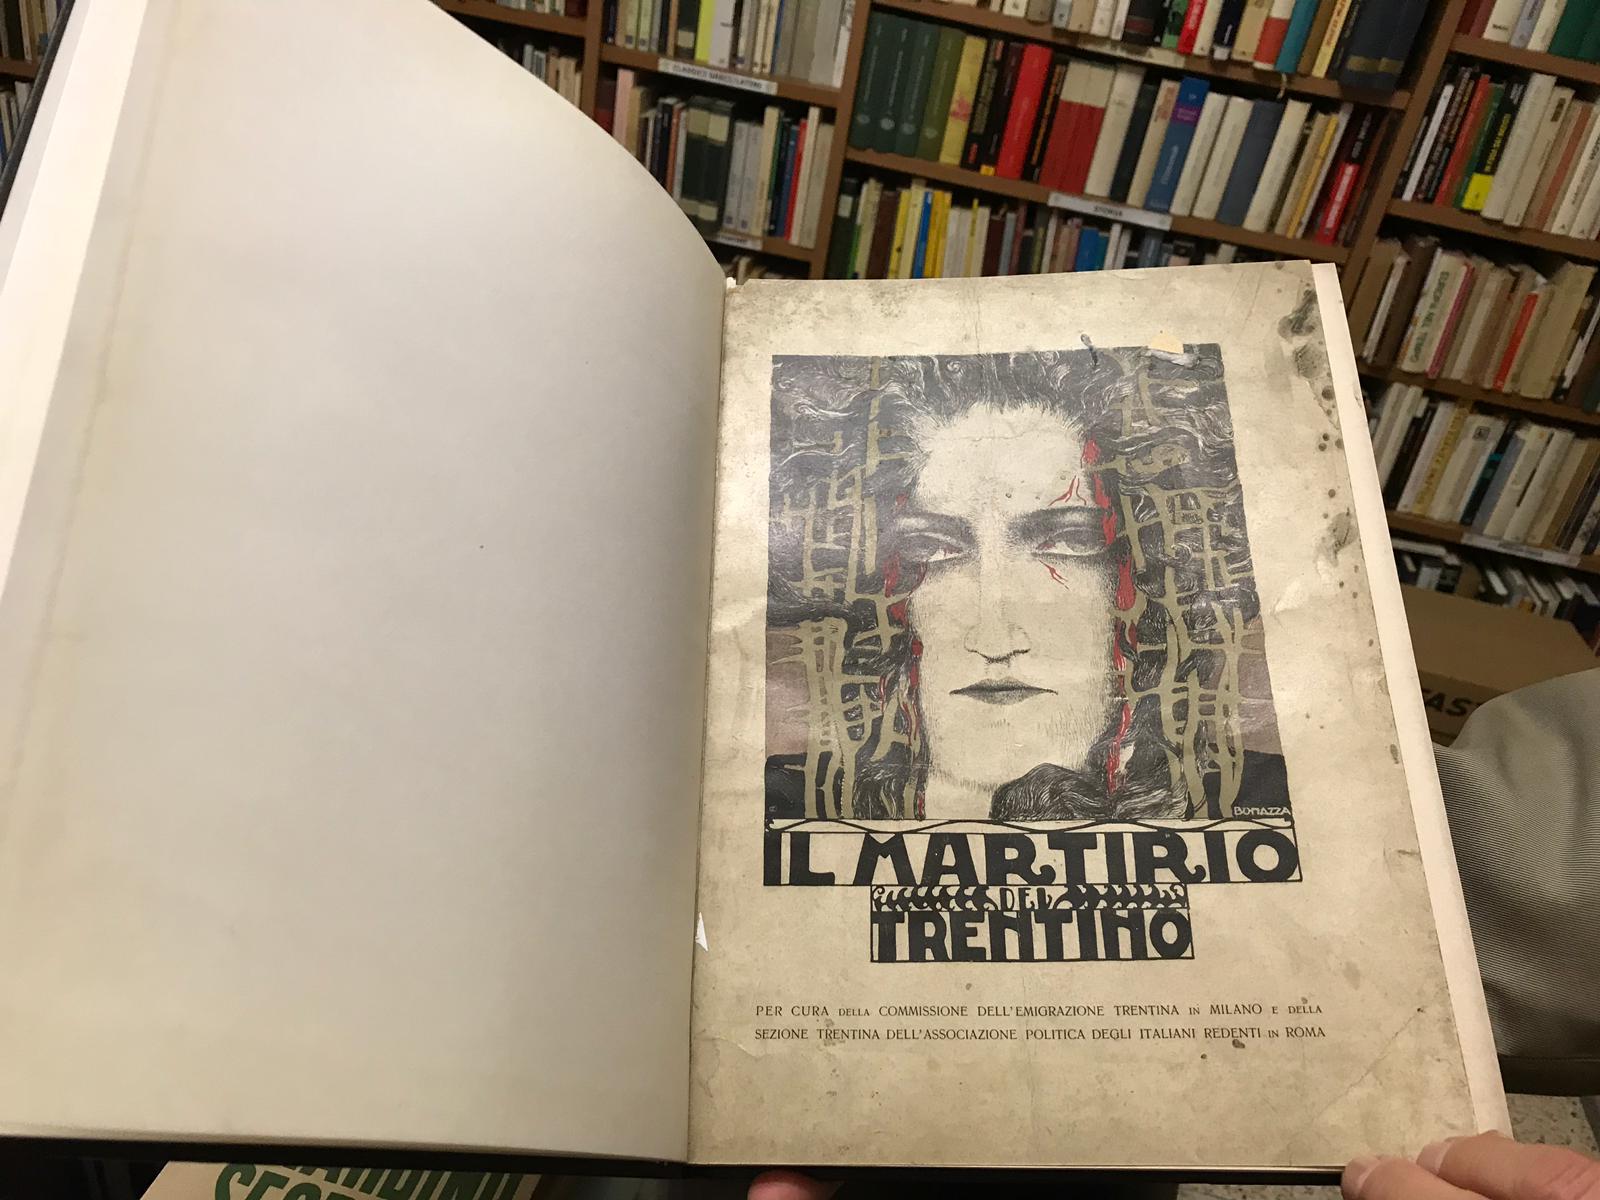 Il martirio del Trentino